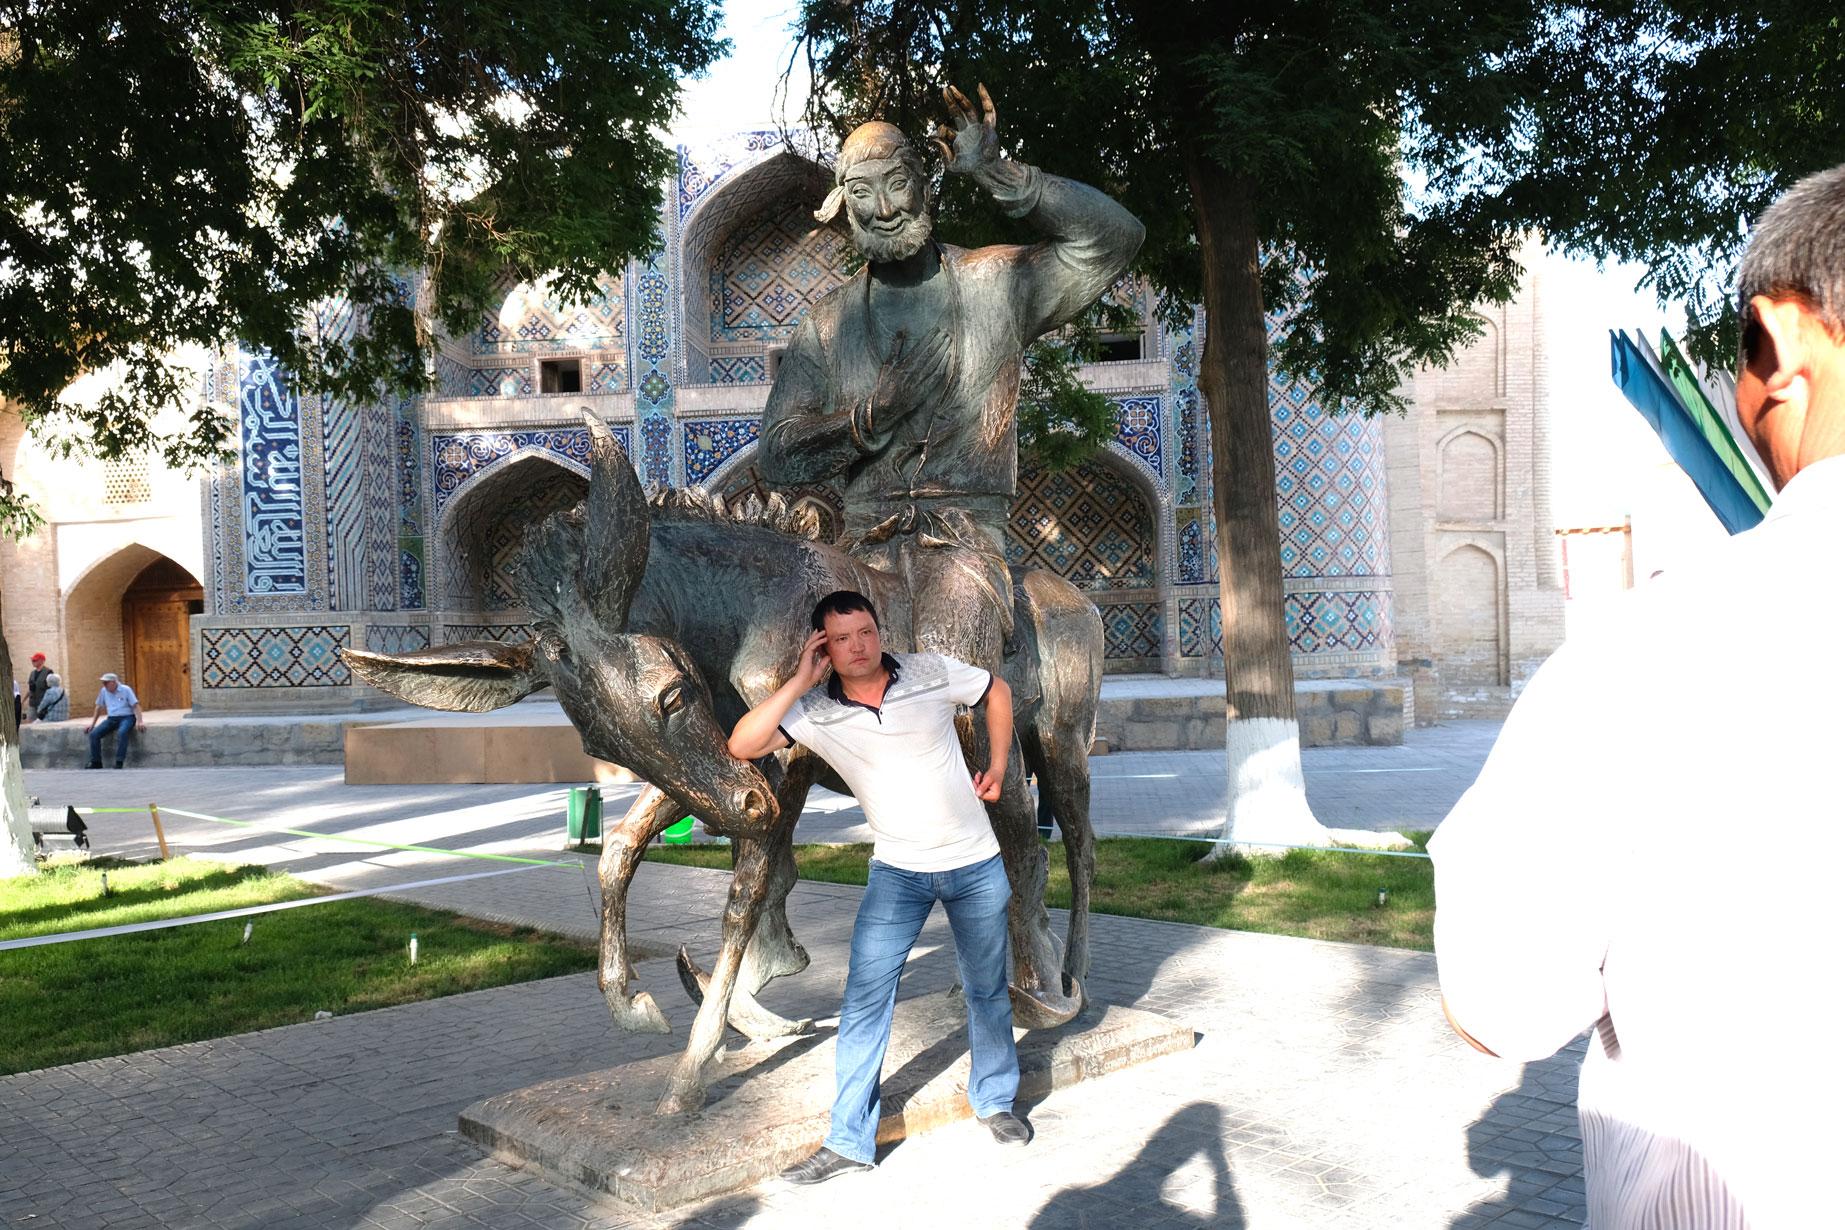 Ein Mann posiert vor einer Bronzestatue, die einen Esel und einen Reiter zeigt